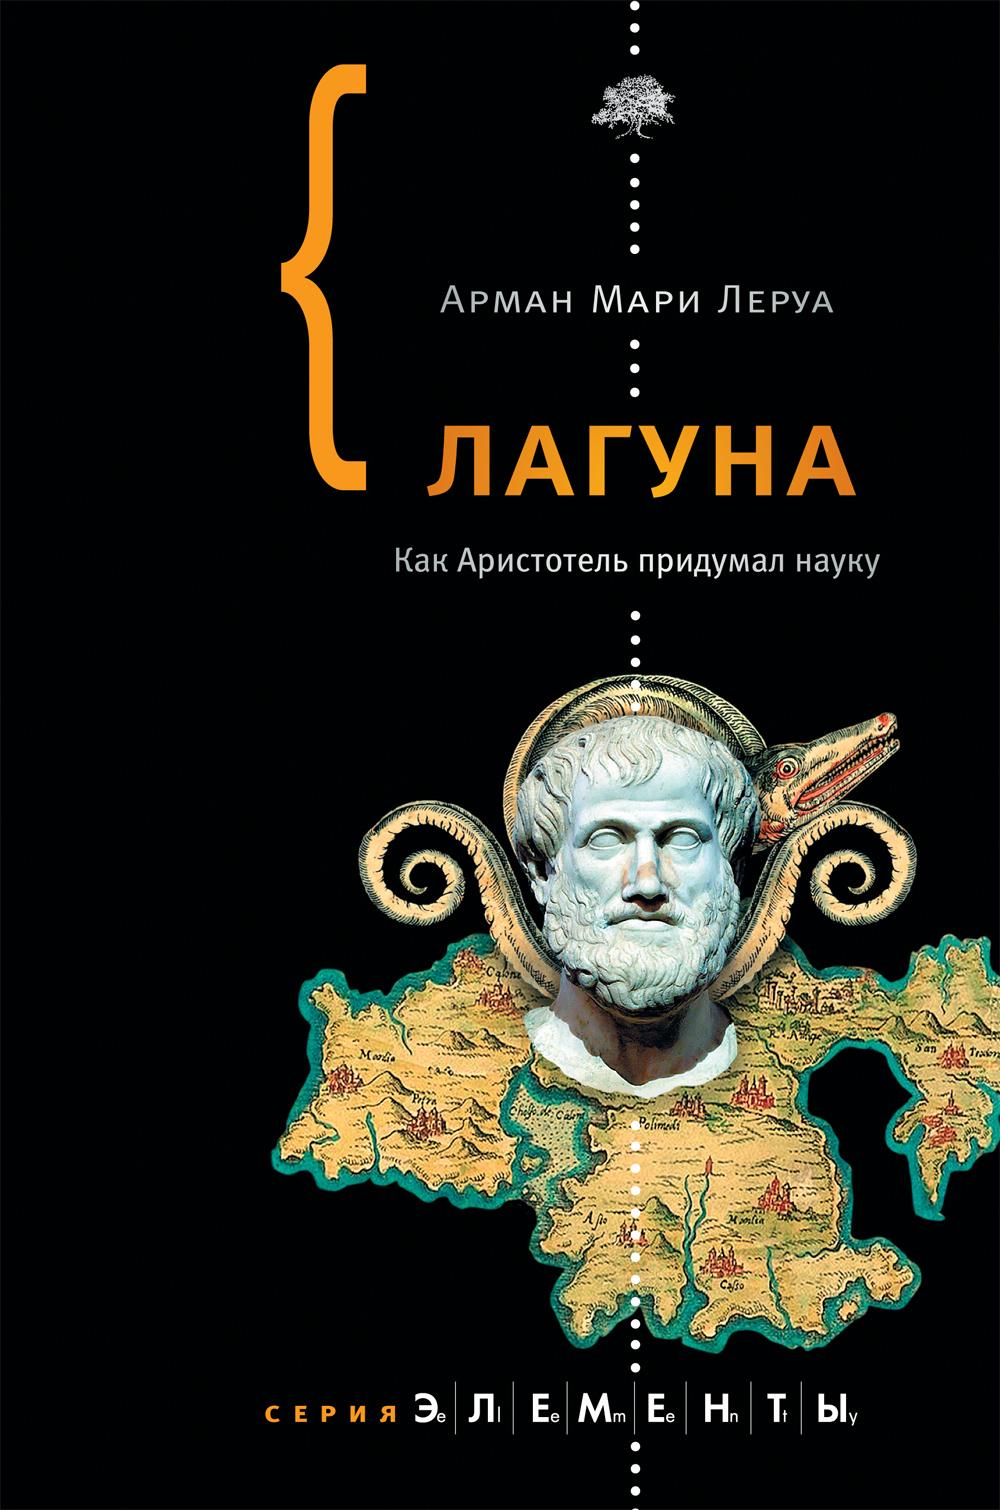 Леруа А. Лагуна. Как Аристотель придумал науку. Пер. с англ. Светланы Ястребовой. М.: Corpus, 2019